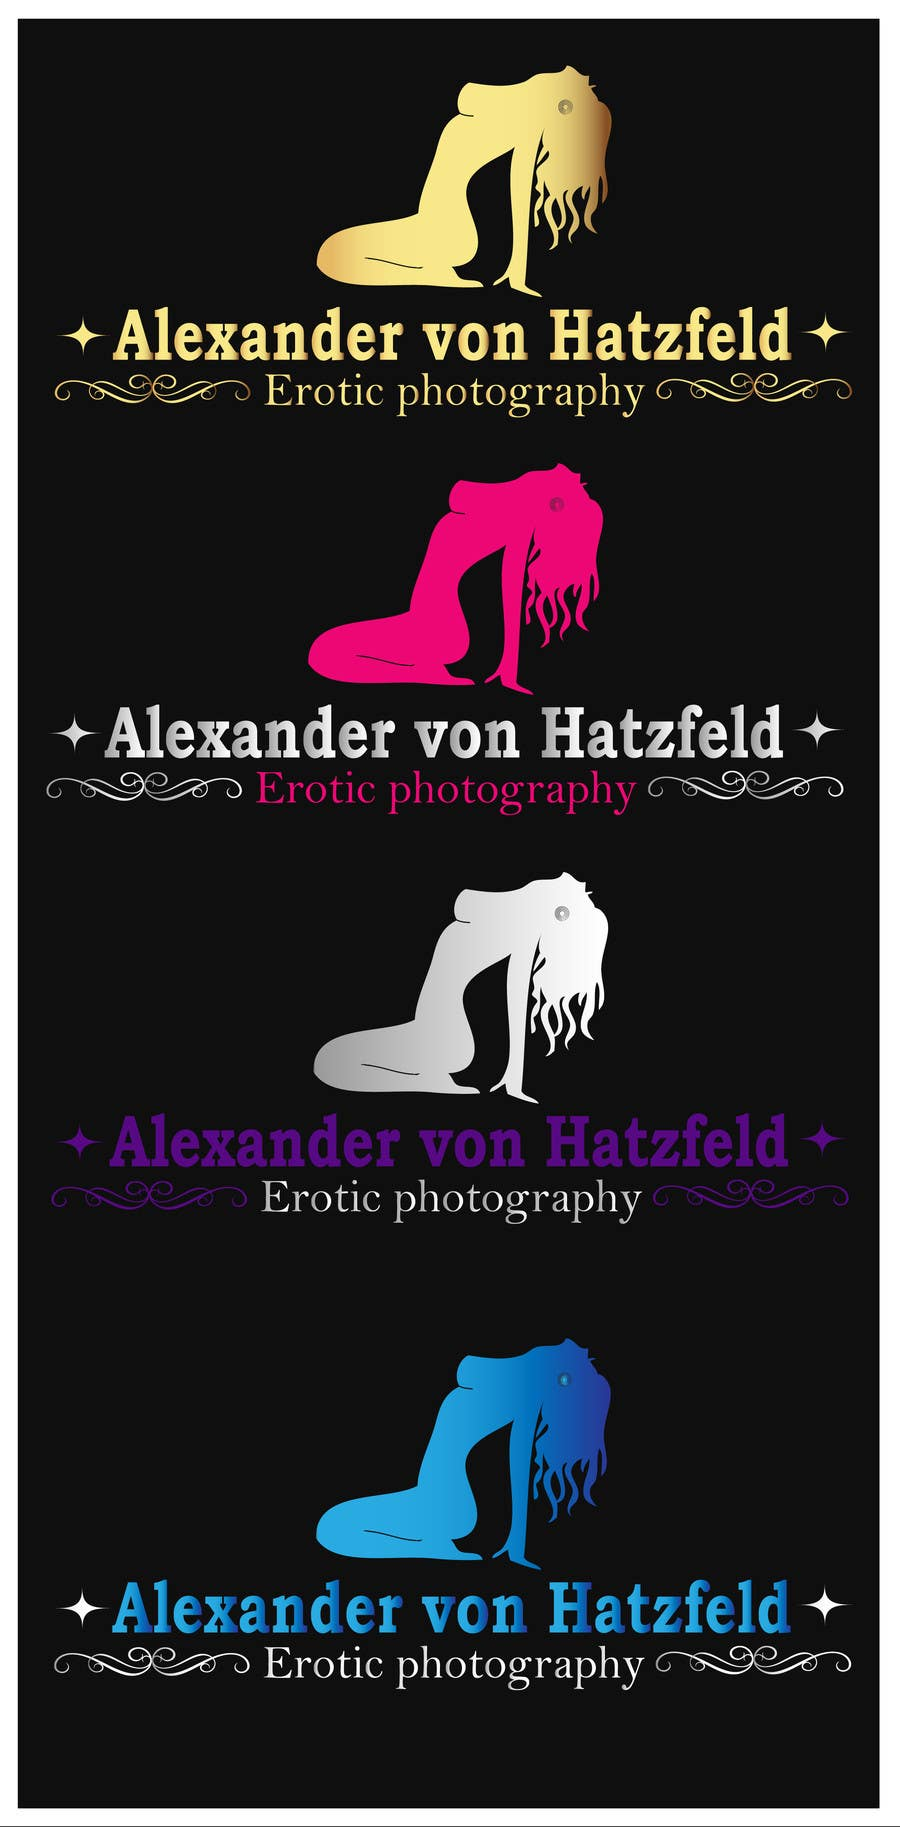 Penyertaan Peraduan #17 untuk Design a logo for Alexander von Hatzfeld - Erotic Photographer